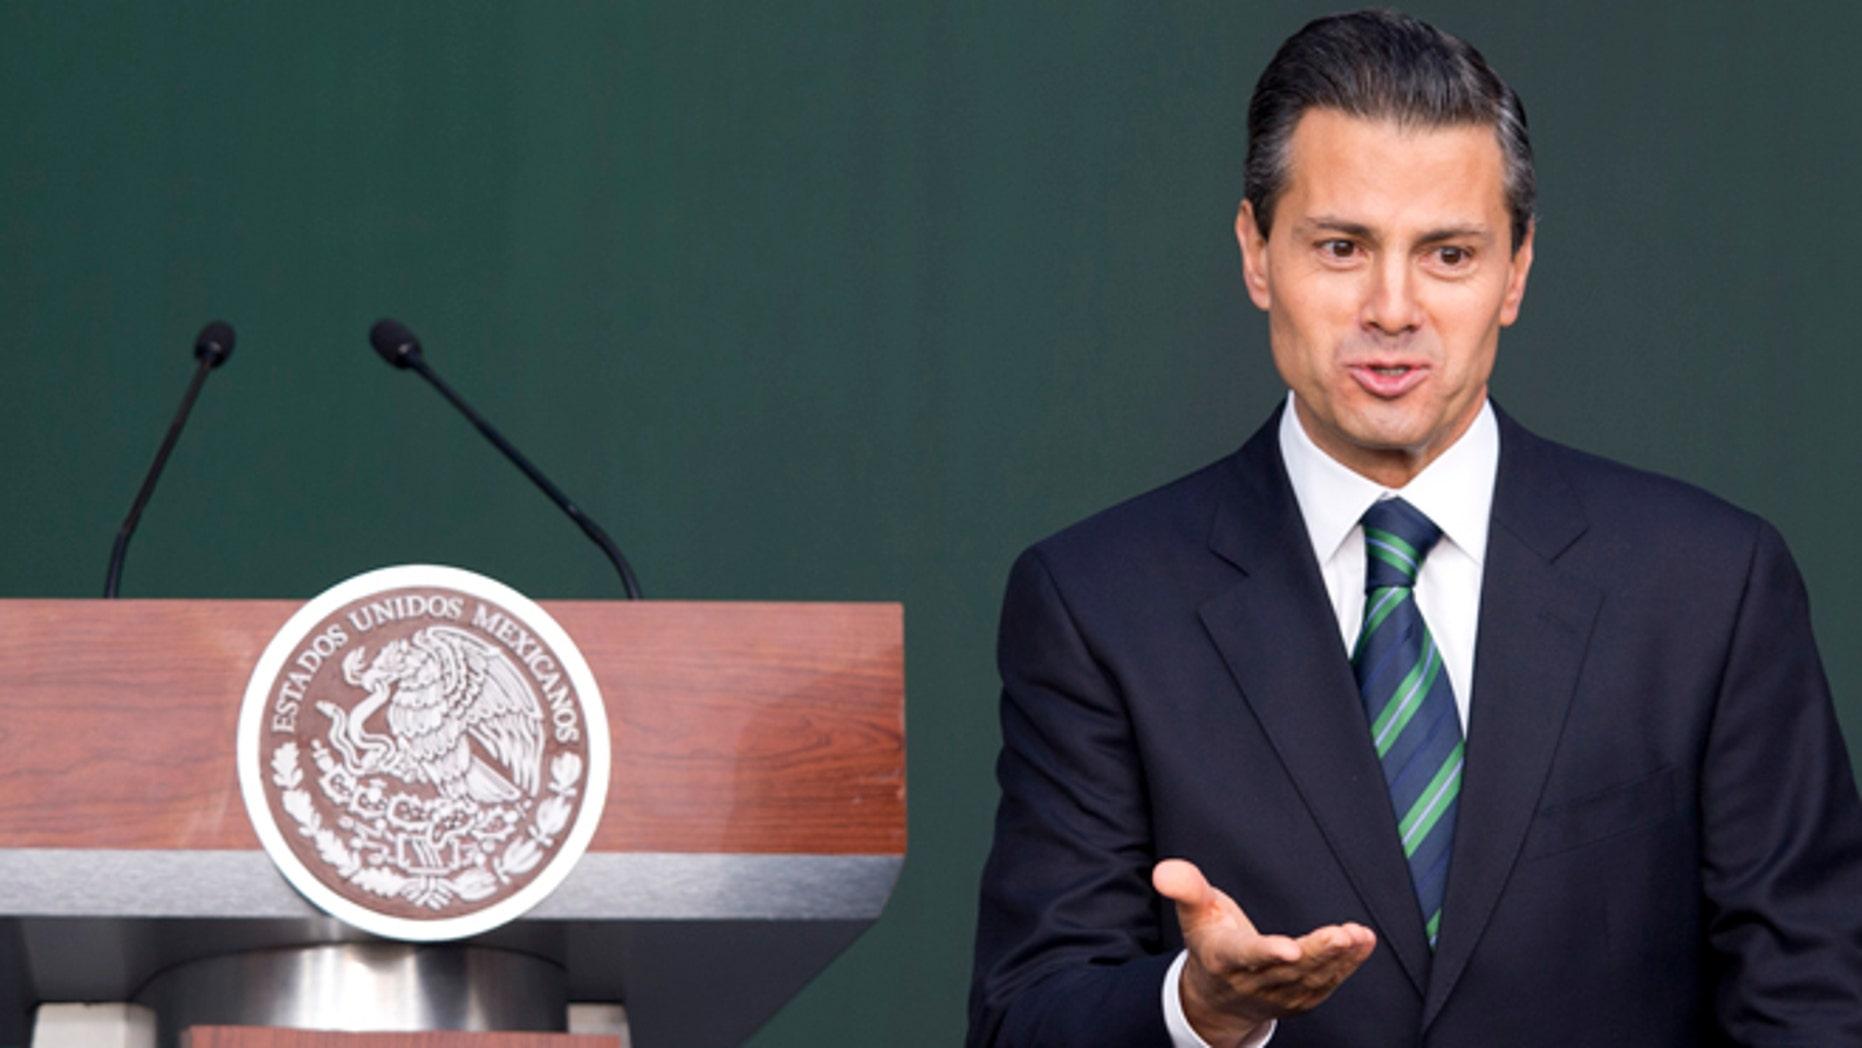 El presidente Enrique Peña Nieto anuncia un plan de justicia en un intento por responder a la indignación tras la desaparición de 43 estudiantes en el sur de México, que puso en evidencia la corrupción e impunidad de las autoridades vinculadas a la delincuencia, en la  Ciudad de México, el jueves 27 de noviembre de 2014. (Foto AP/Eduardo Verdugo)